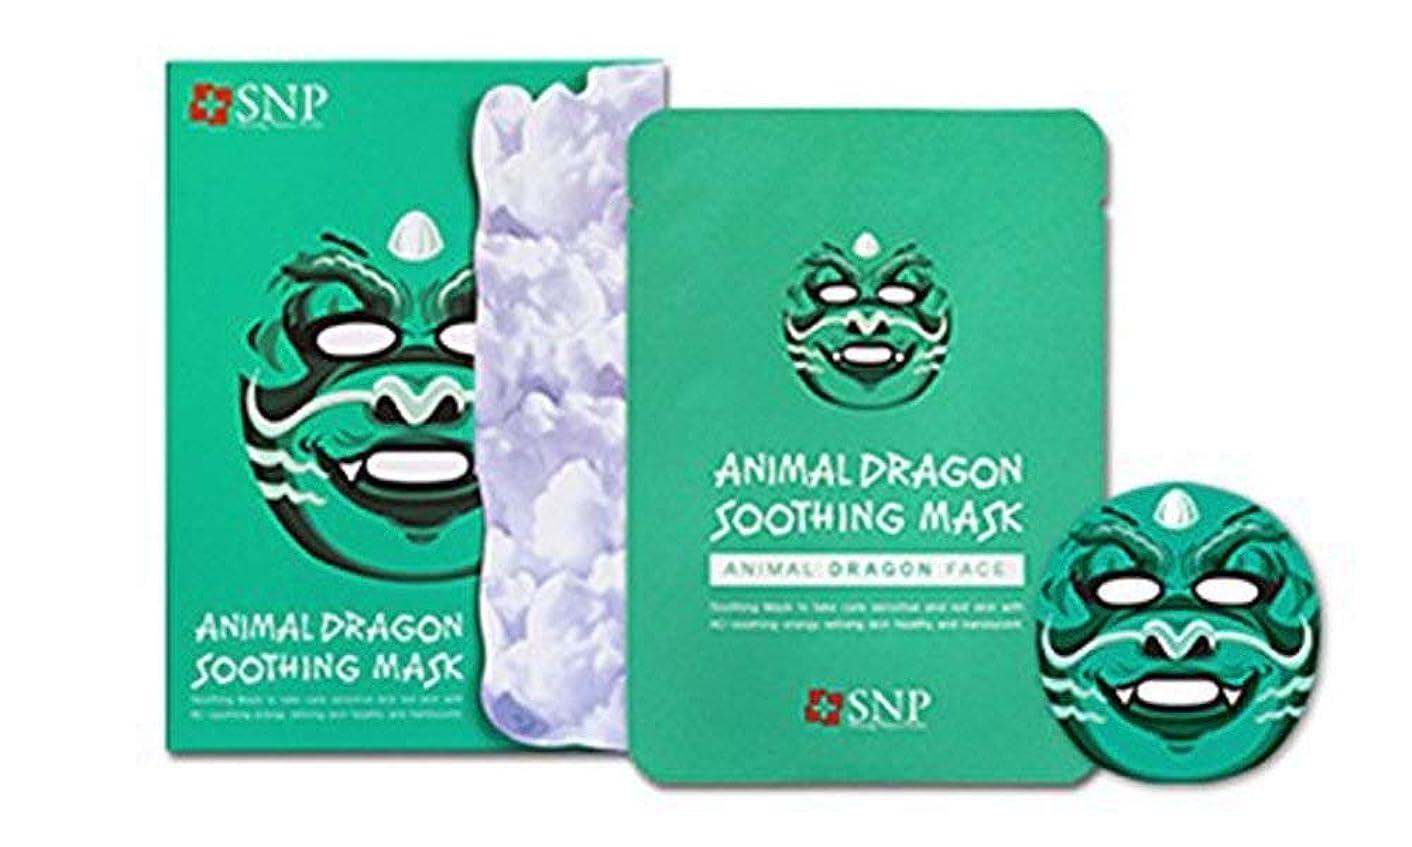 SNP アニマル ドラゴン スーディングリンマスク10枚 / animal dargon soothing mask 10ea[海外直送品]